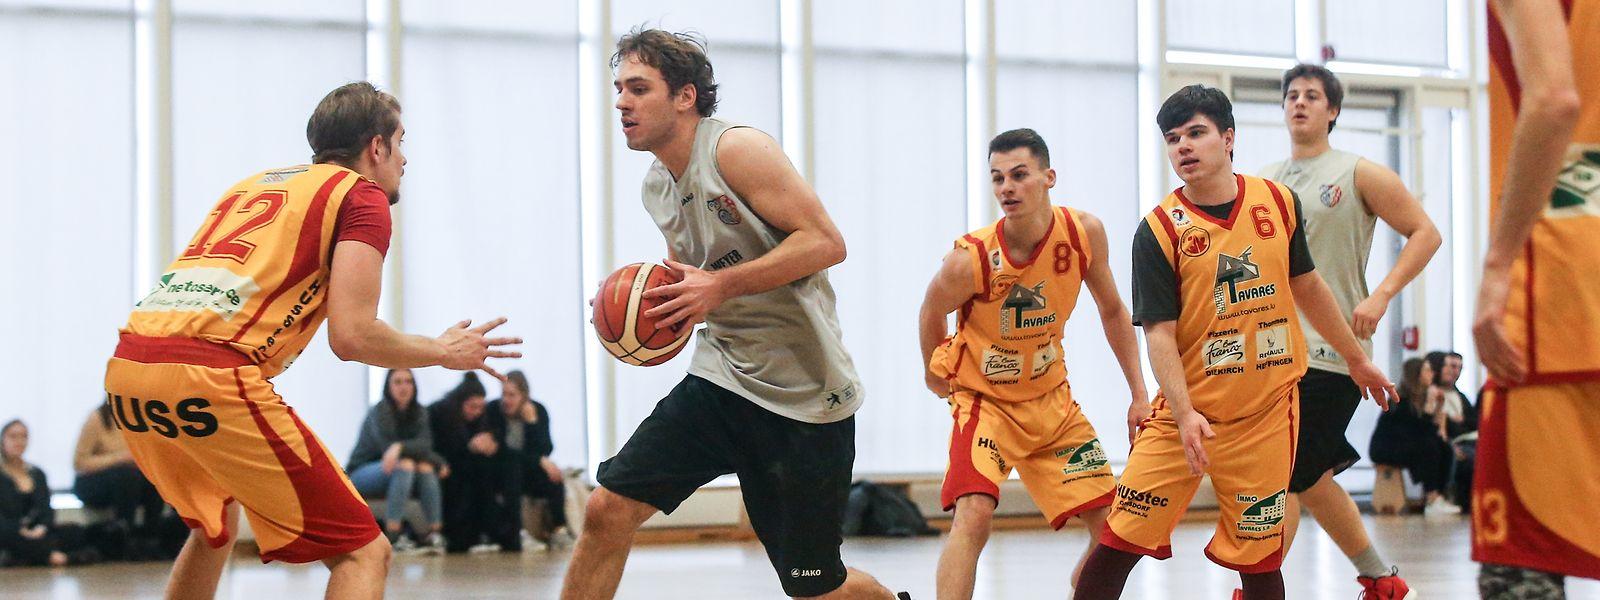 Die Trierer Basketballer (gelb) setzten sich auf dem Weg zum Titel auch gegen Saarbrücken durch.